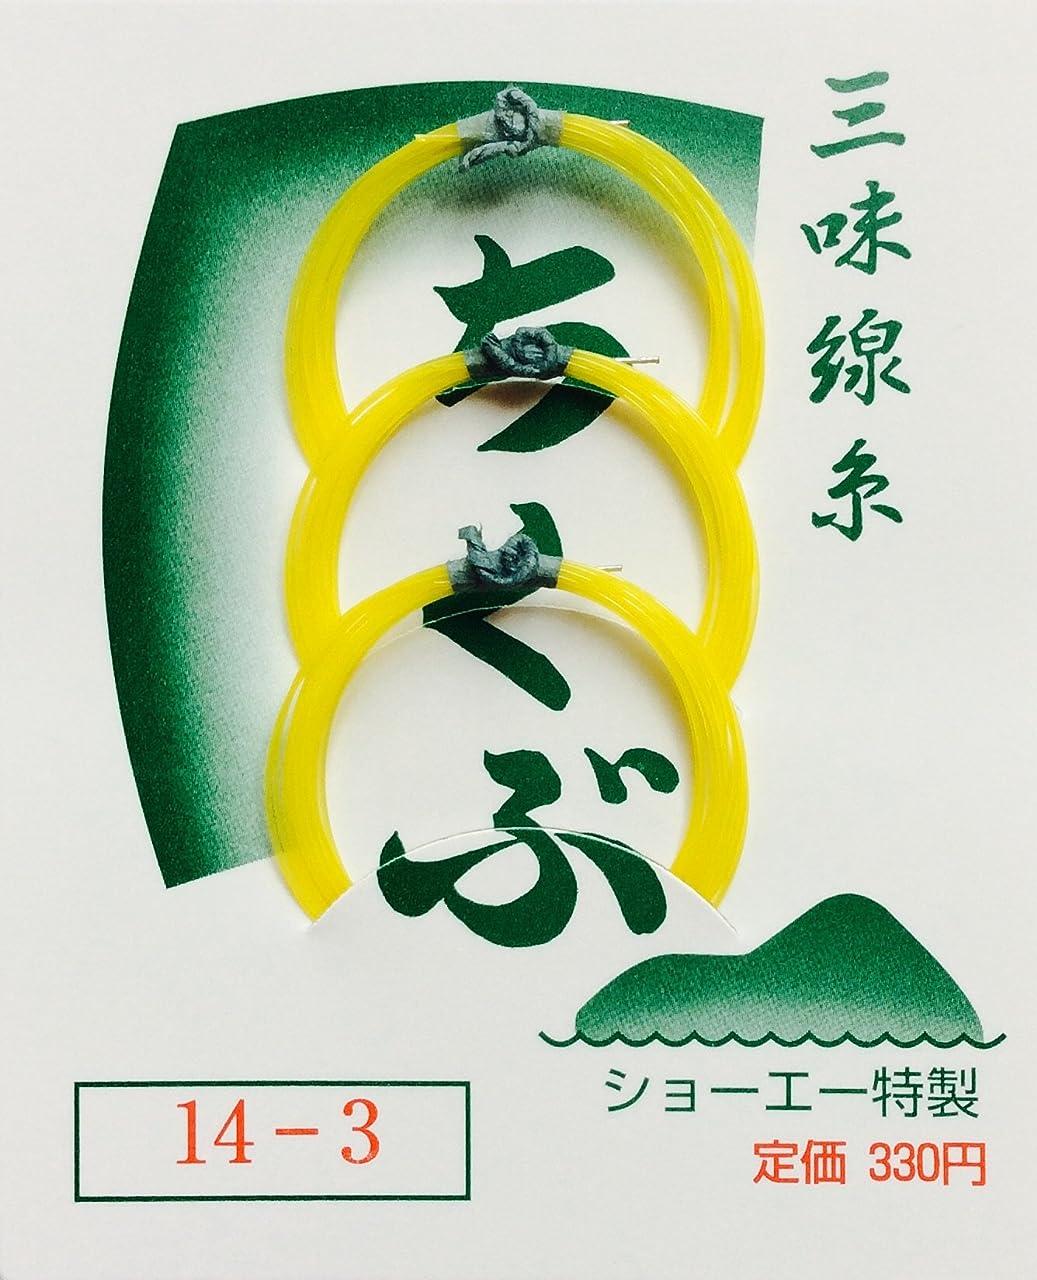 ポジティブしなやか咳ちくぶ三味線糸 テトロン 3の糸(14番)